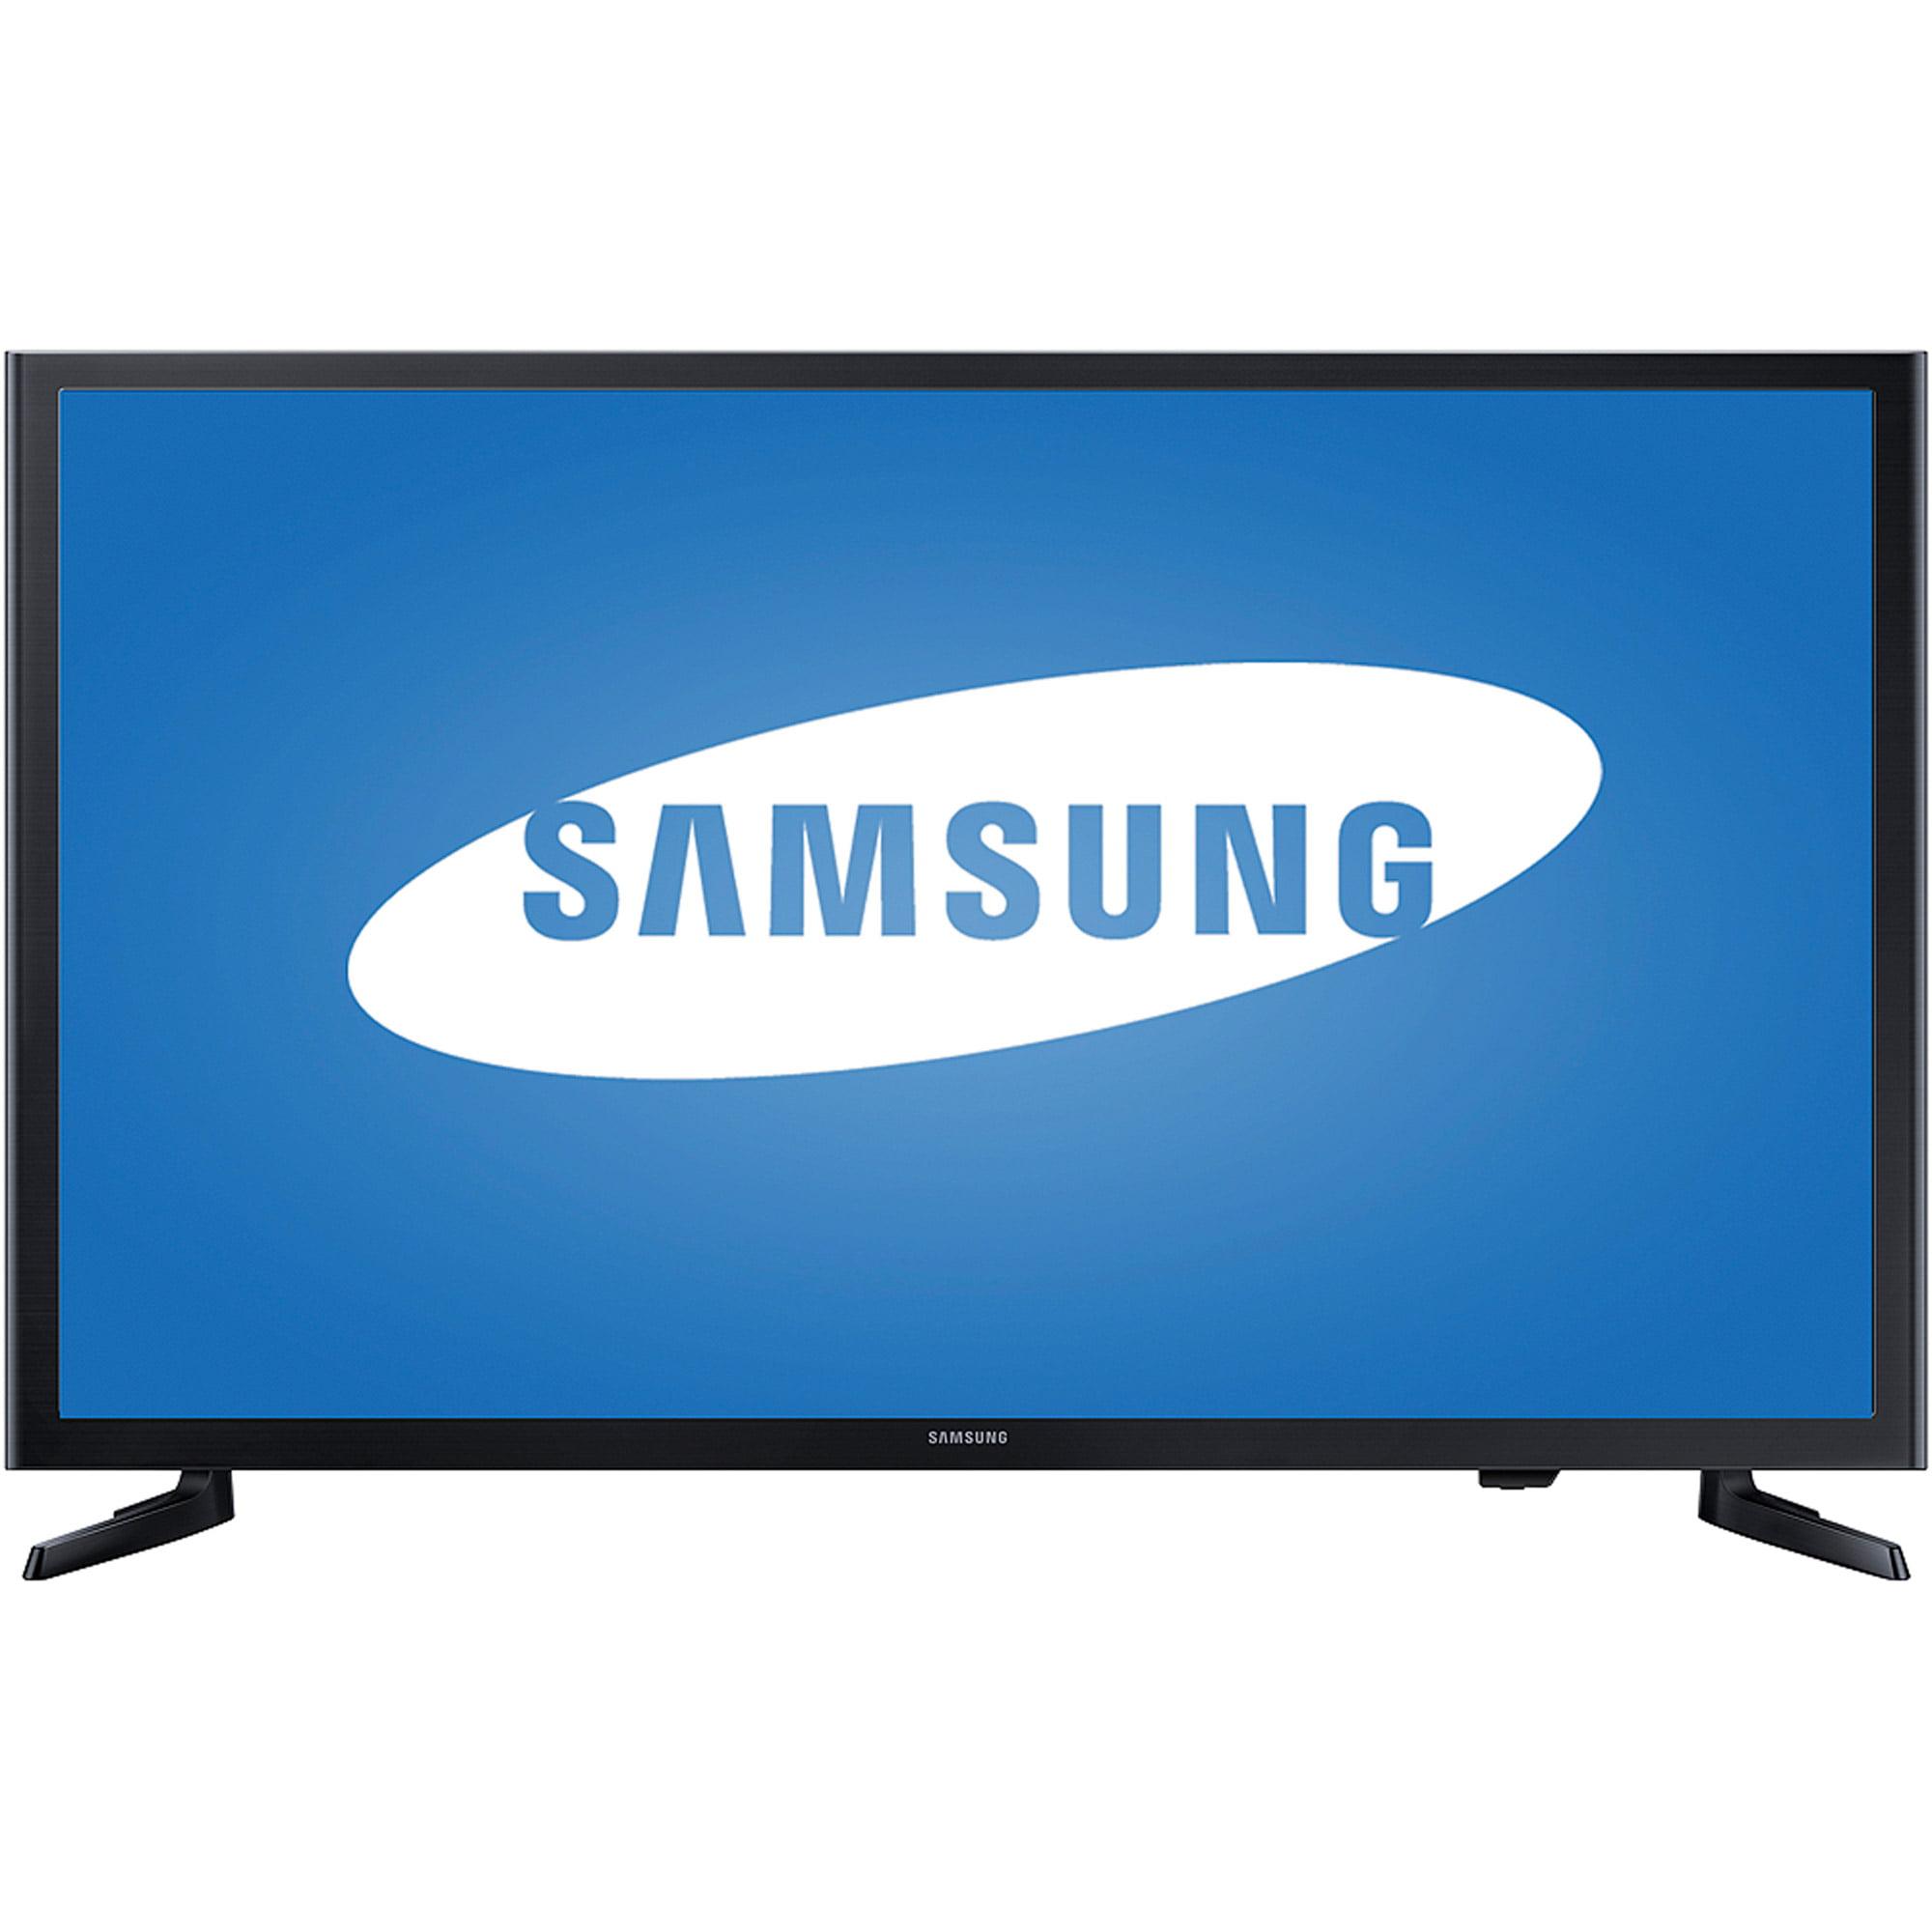 """SAMSUNG 32"""" 5000 Series - Full HD LED TV - 1080p, 60MR (Model#: UN32J5003)"""